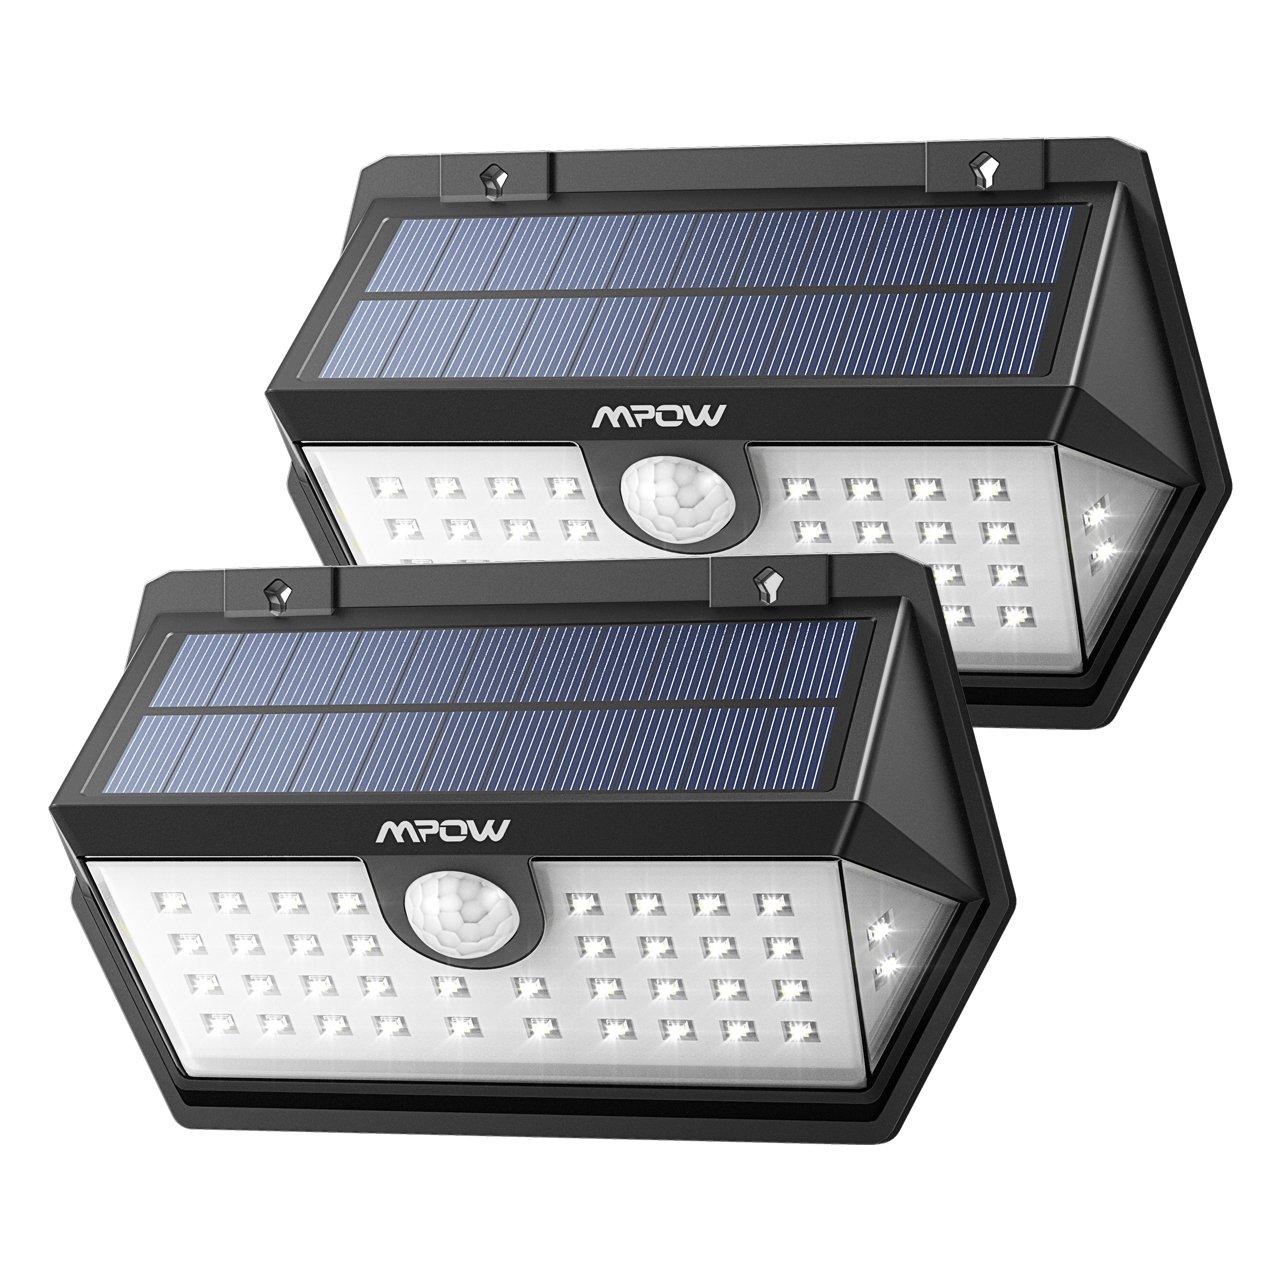 【ERWEITERTE VERSION】Mpow 2 Stück Weitwinkel 40 LED Solarleuchte, Superhelles Bewegung Solarlicht, Solarbetriebene Sicherheitswandleuchte, verbesserte 120 ° Weitwinkel Sensorkopf, Wasserdicht, Hitzebeständig, für Garten, Garage, Auffahrt, Pfad, Innenhof &am